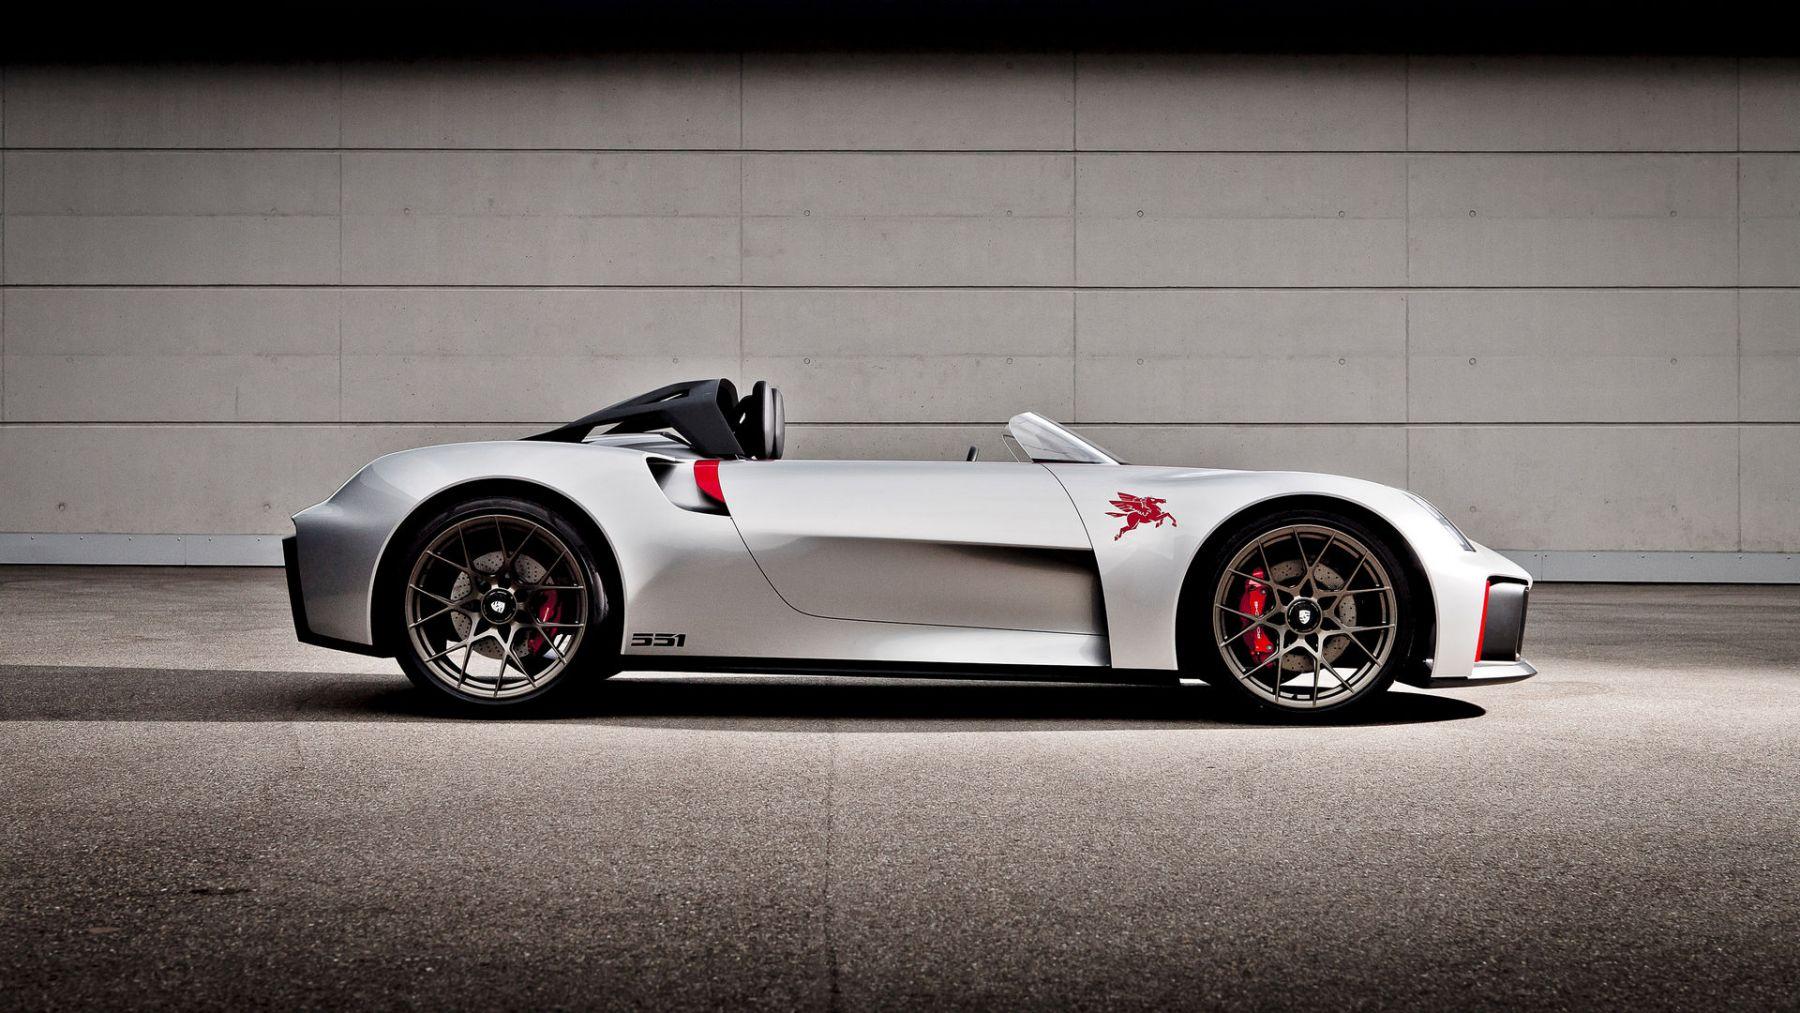 Porsche Vision Spyder Concept